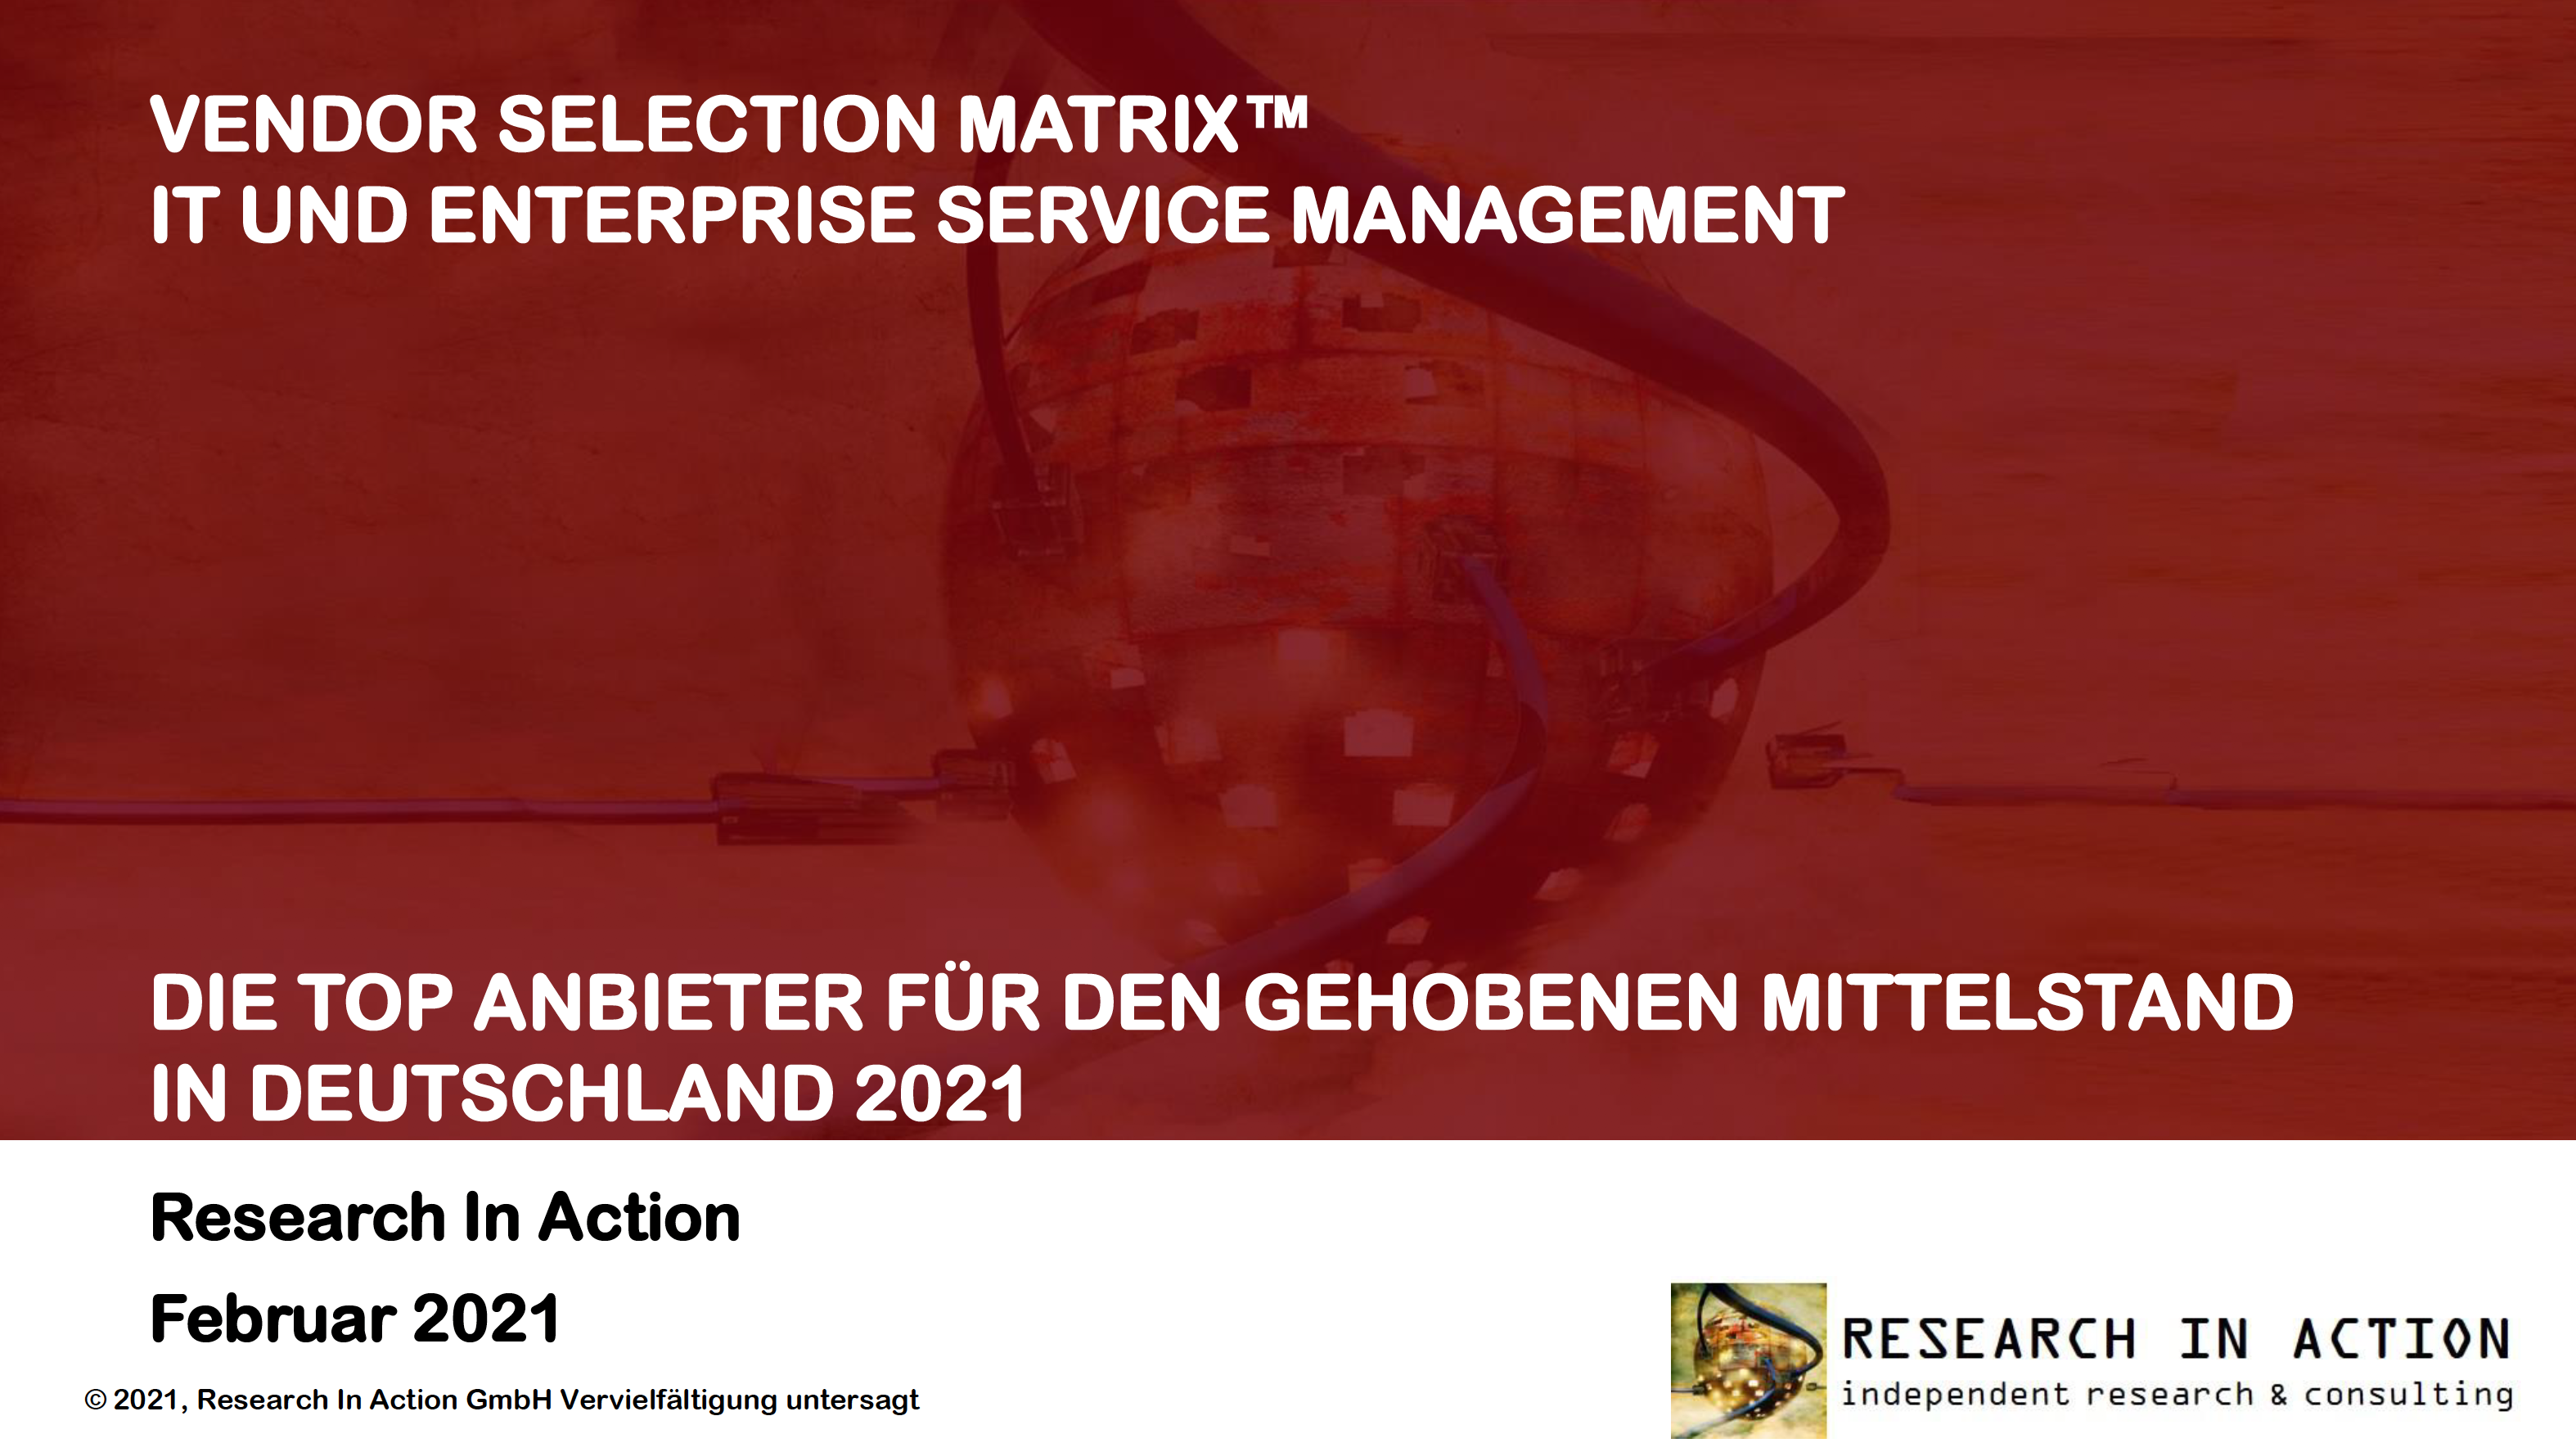 RIA Vendor Selection Matrix DE 2021